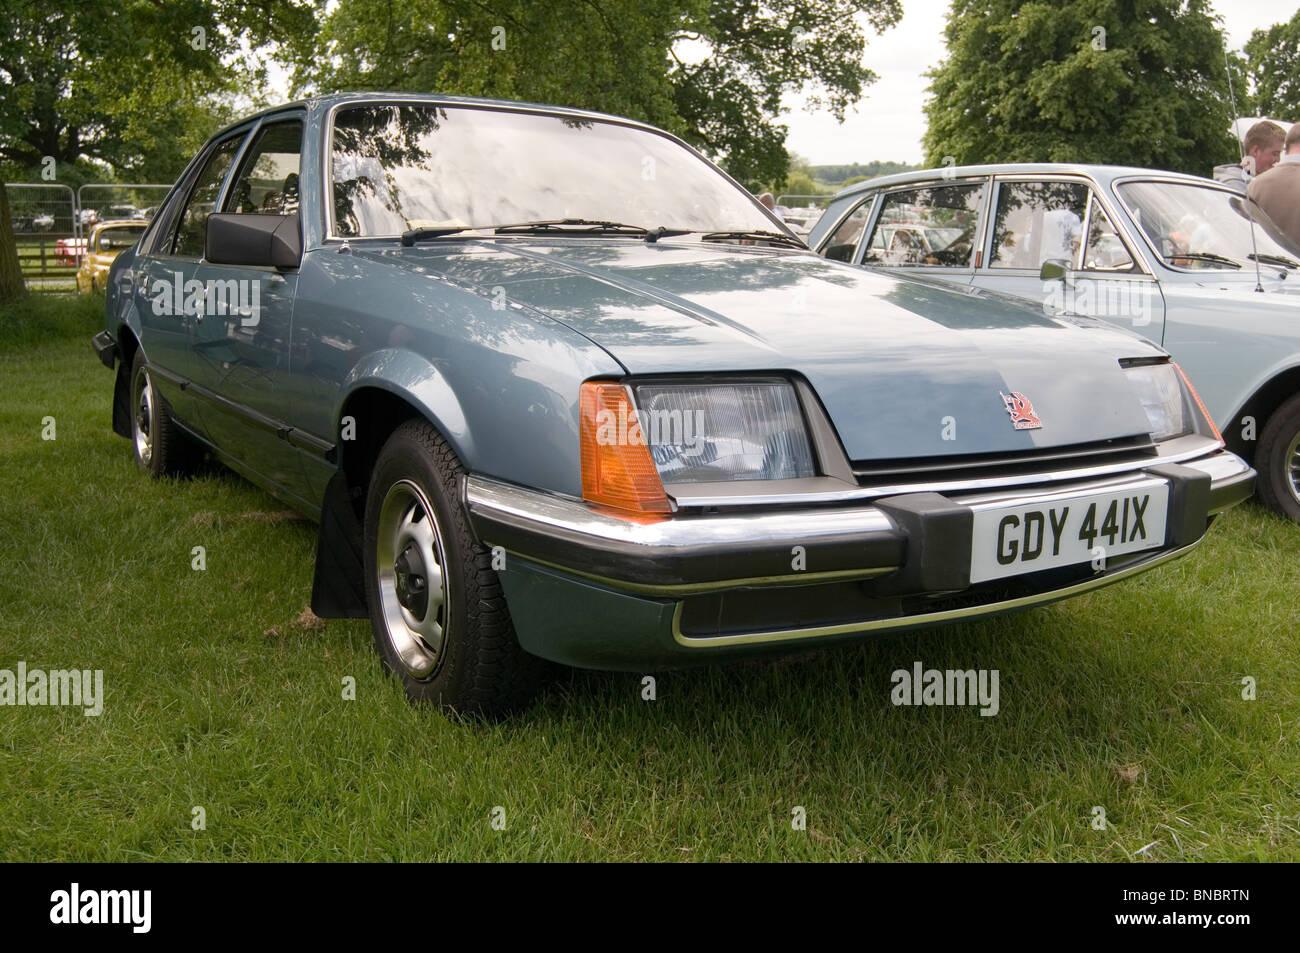 Vauxhall carlton ottanta anni ottanta repmobile General Motors classic car auto show mostra che mostra la concorrenza Immagini Stock